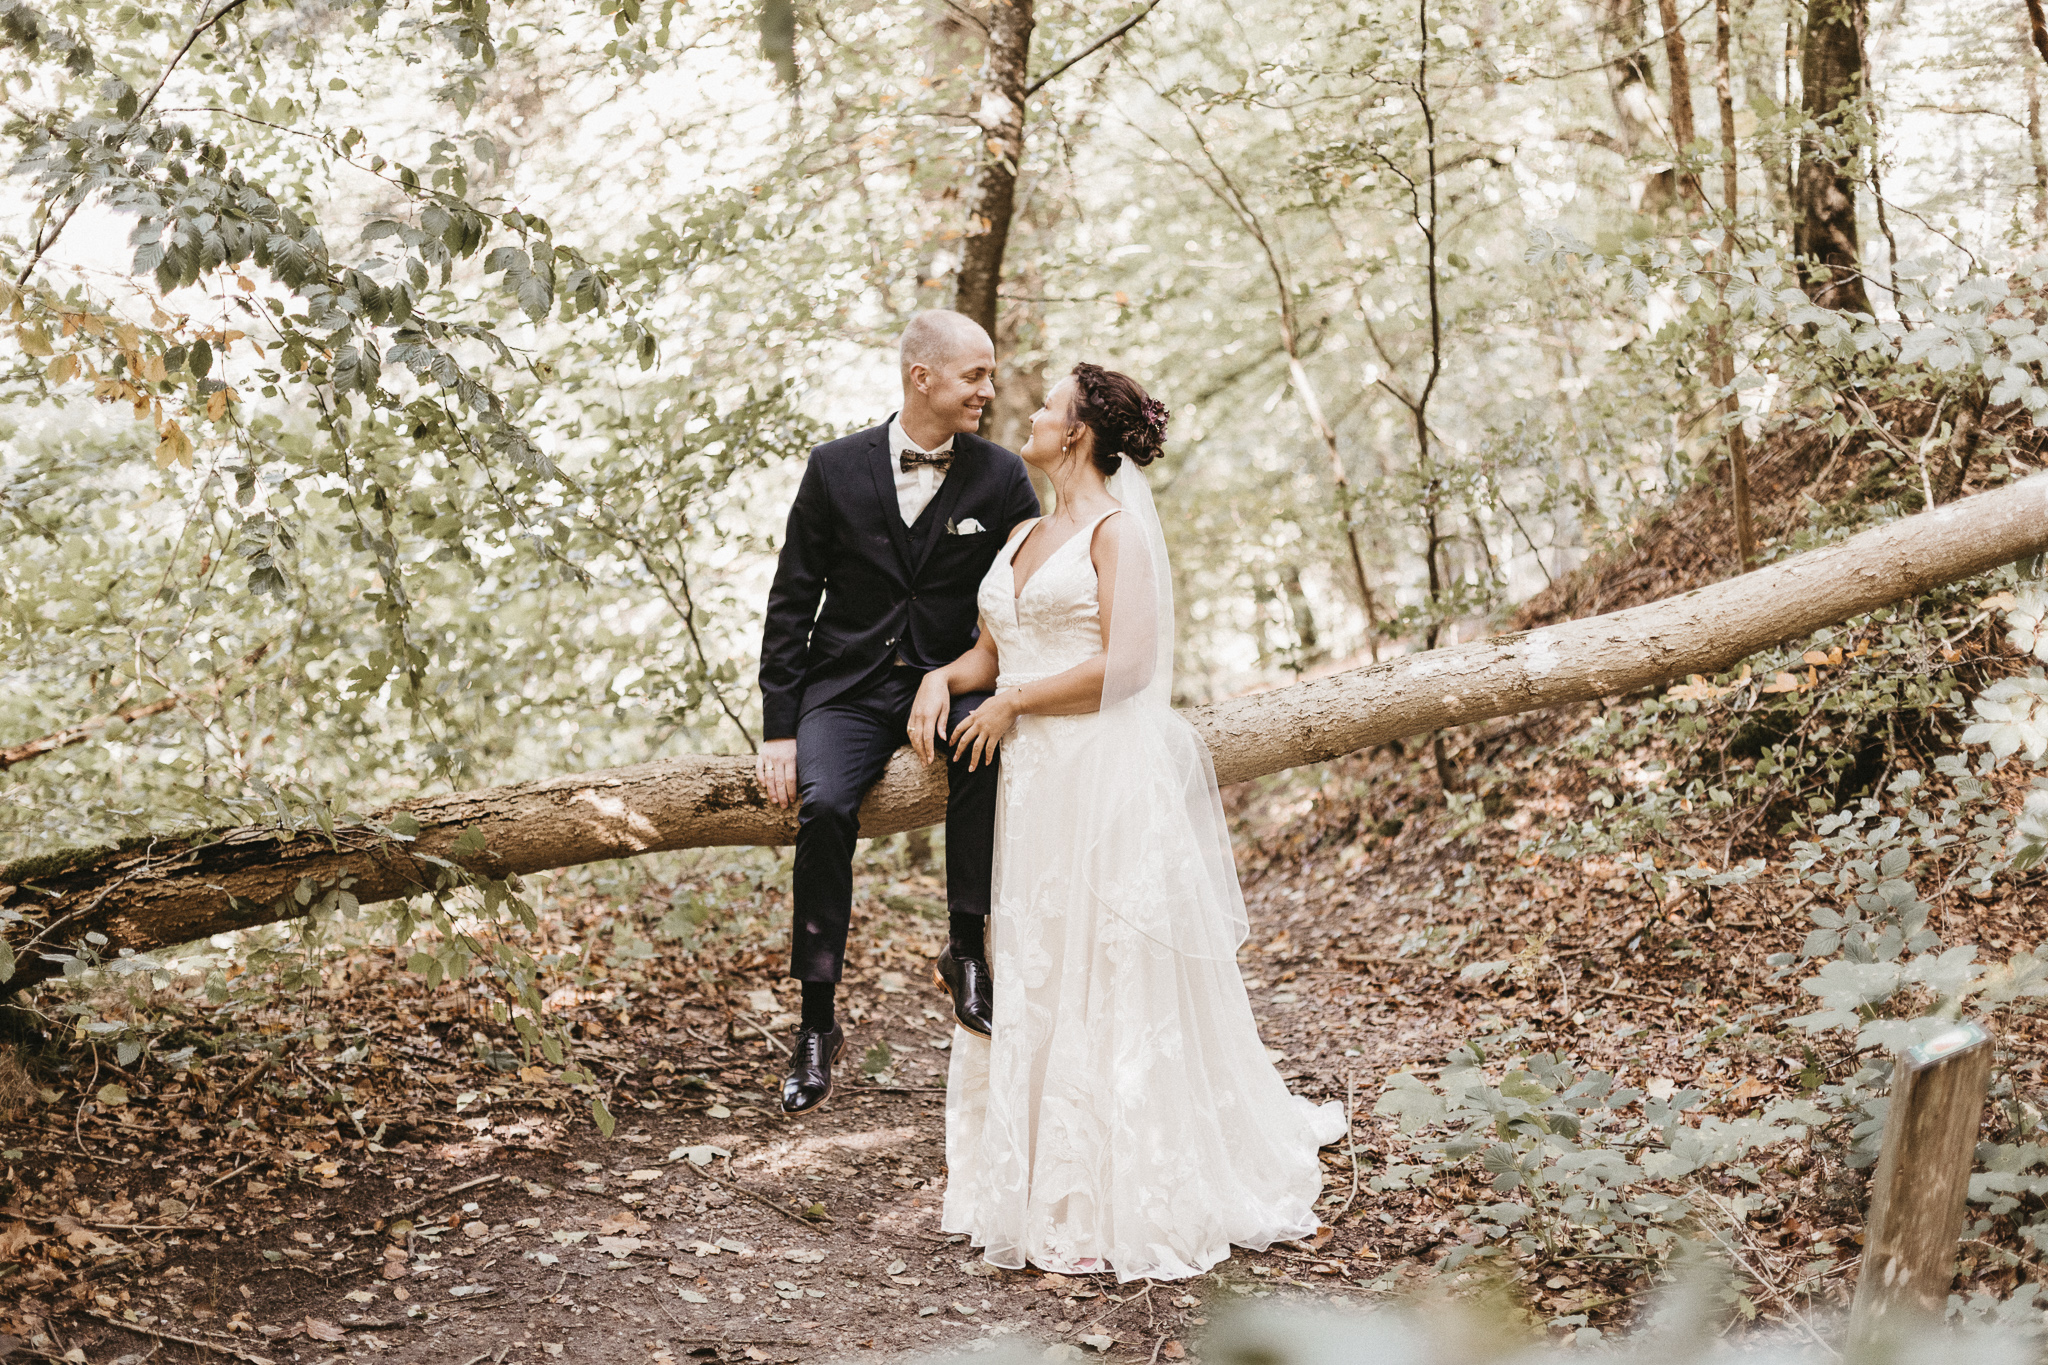 Sara & Allan 2018 - Vi har haft den store fornøjelse at få vores bryllupsdag foreviget af Adam. Om ham kan der siges, at han er et af de mest ordentlige, situationsfornemmende, behagelige og kompetente menneske vi i lang tid har mødt.Han er i sandheden et menneske, der ligger en ære i sit arbejde, hvilket er kommet til udtryk ved en grundighed og en tilgang til arbejdet, som ikke alene har udmundet sig i nogle fantastiske billeder men også som gode minder om et gnidningsfrit samarbejde.I vores optik har han så tilpas meget indlevelsesevne, at vi vil kunne anbefale ham til alle - uagtet om man kan lide selv at styre tingene eller overlade slagets gang til ham.Adam, vi kan kun sige dig tak. Det eneste problem vi står tilbage med, er, at det bliver svært at udvælge hvilke billeder, der skal op på væggen, fordi der er indfanget så mange gode øjeblikke.